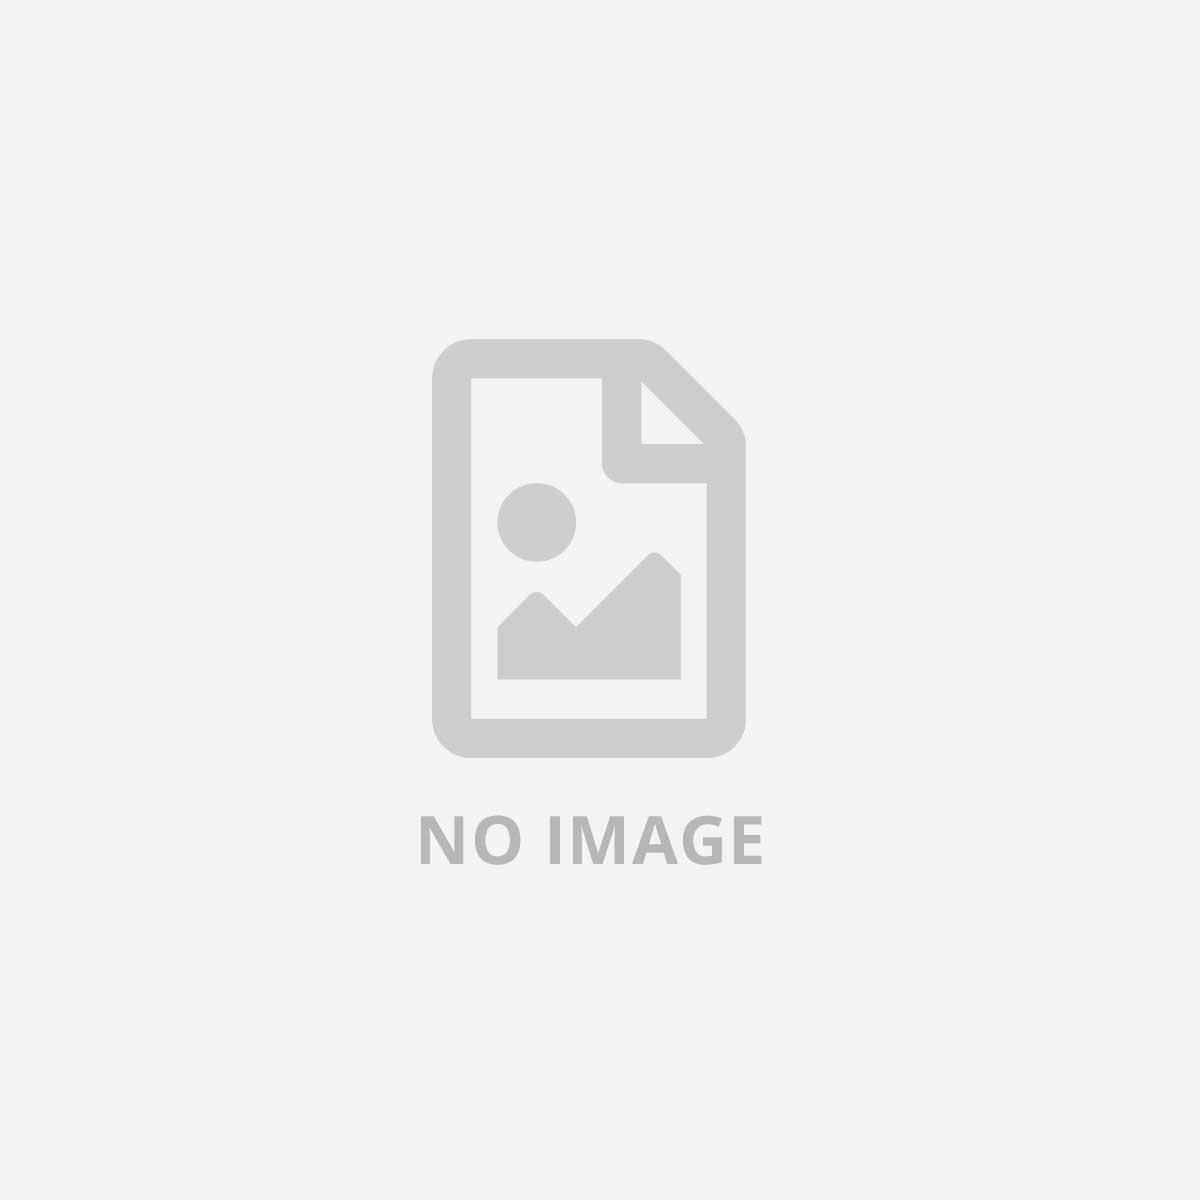 HP TOWER Z2G4 16GB 512GB SSD